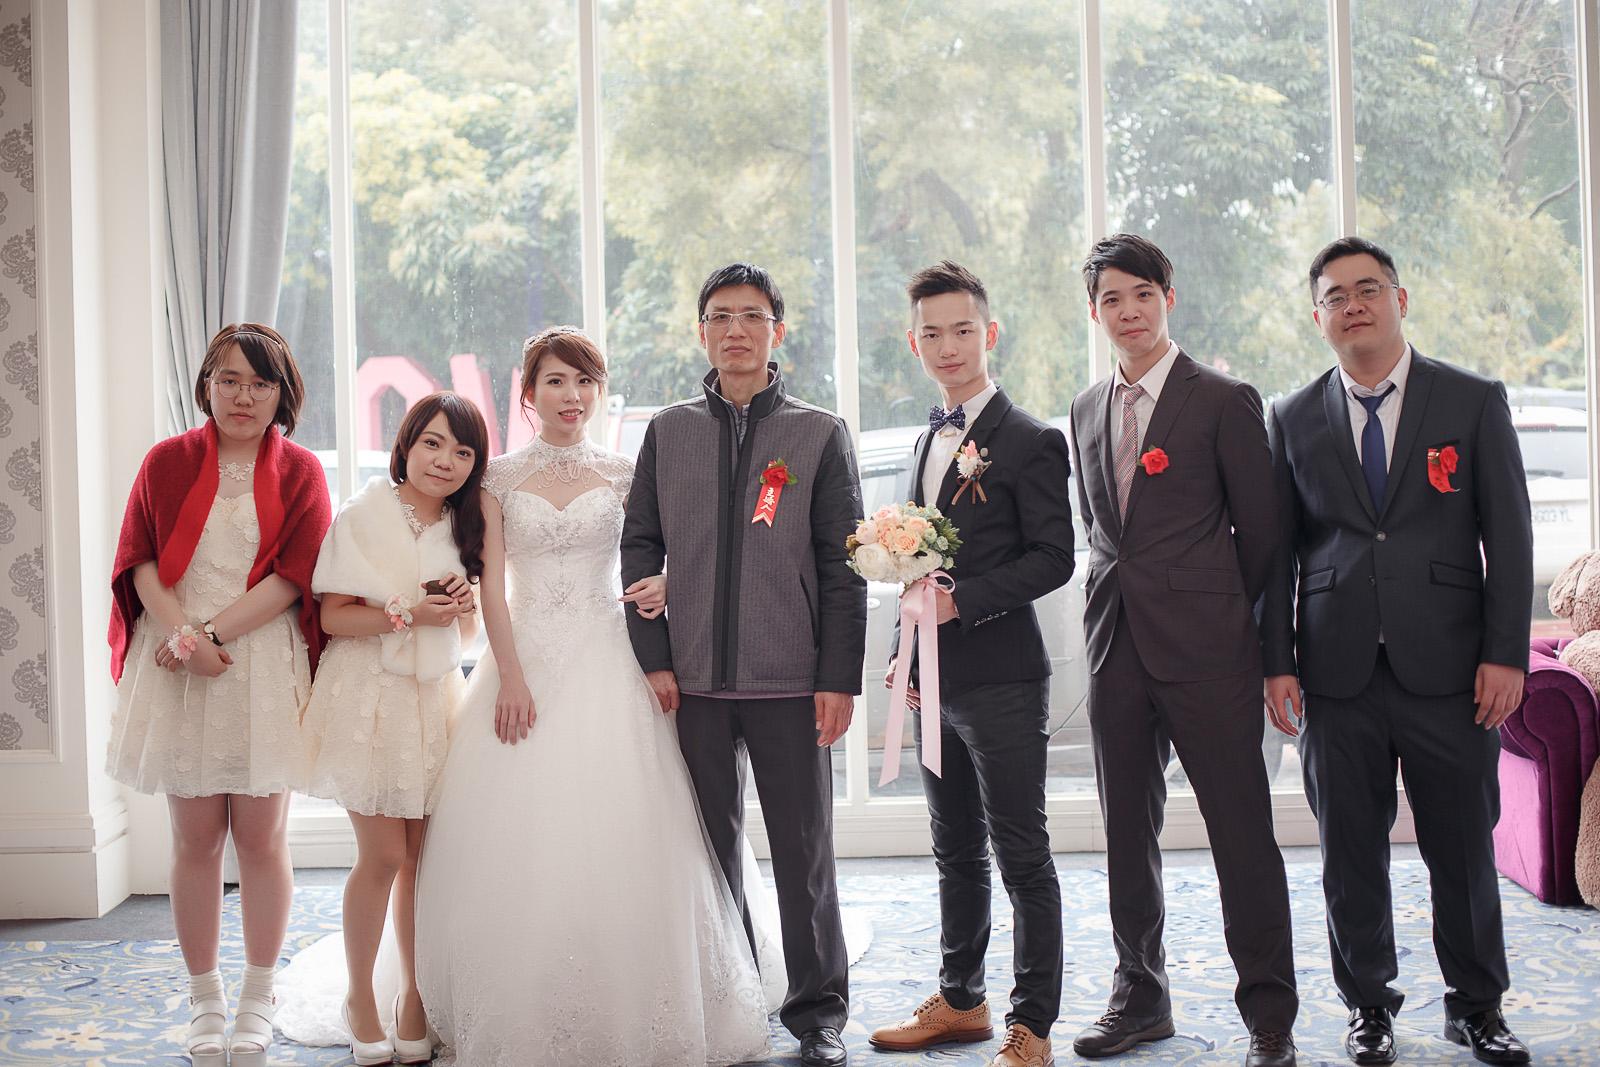 高雄圓山飯店,婚禮攝影,婚攝,高雄婚攝,優質婚攝推薦,Jen&Ethan-231